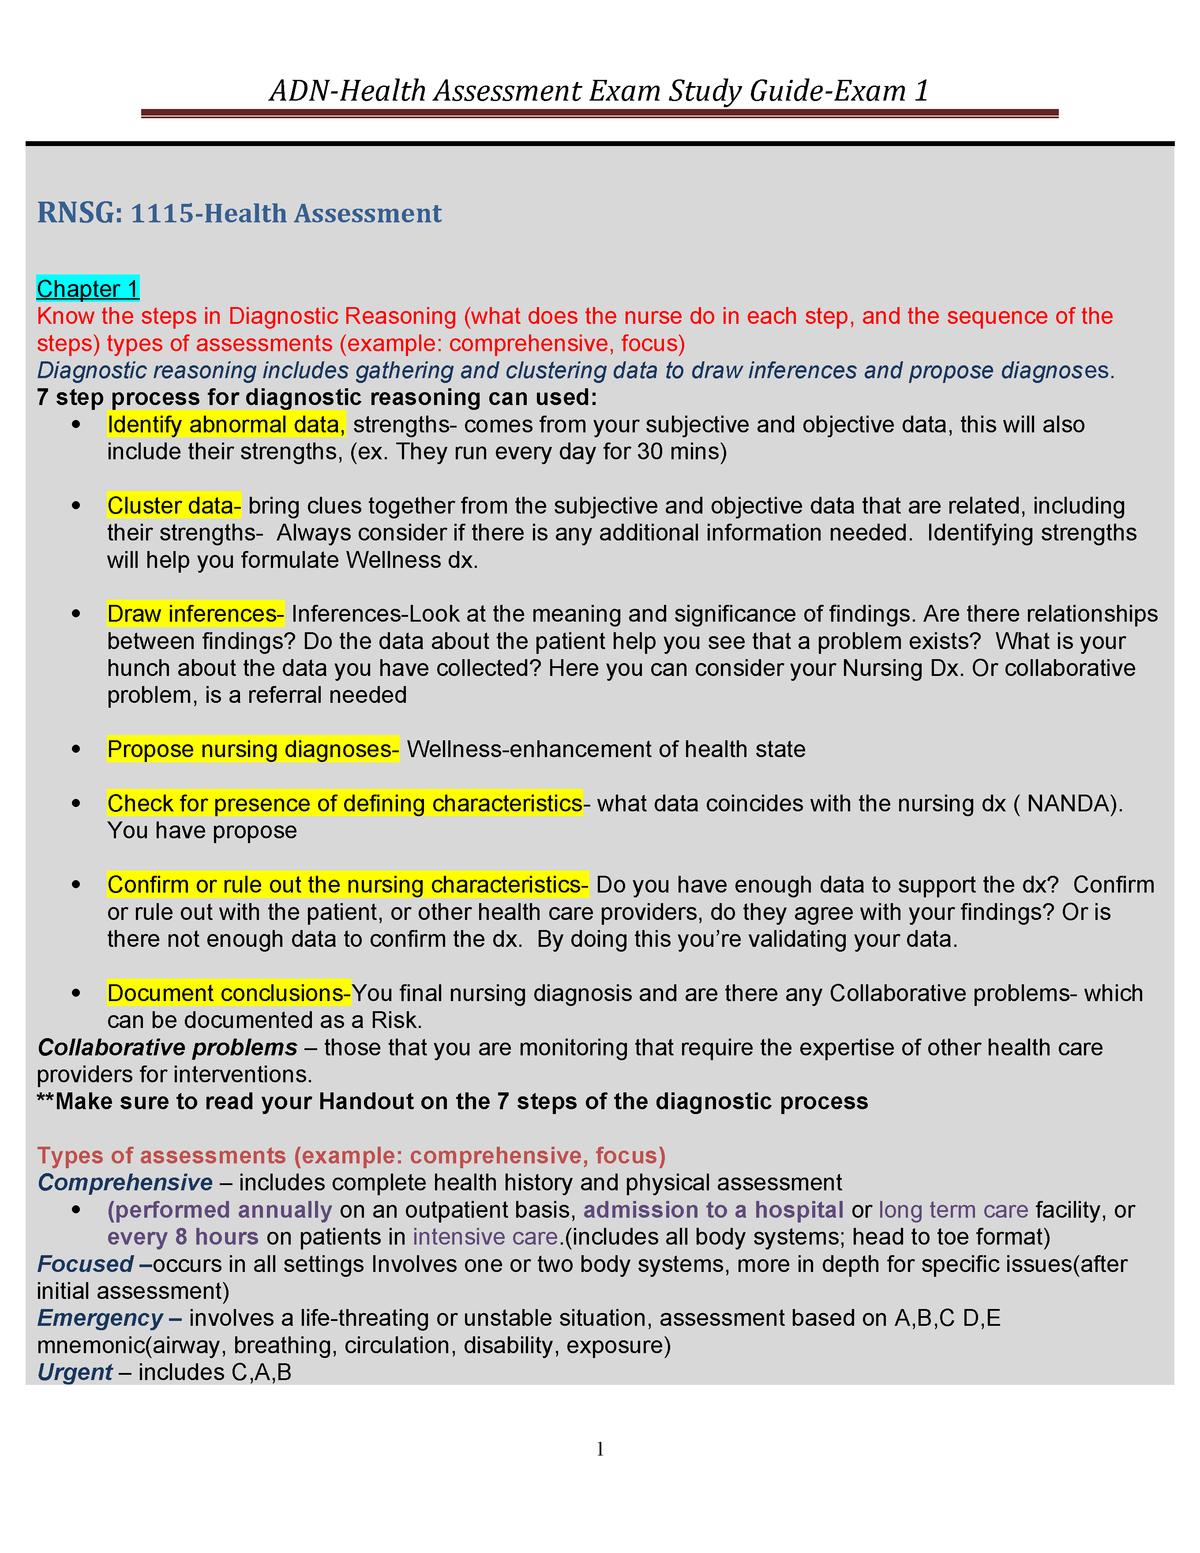 ADN Transition Exam Study Guide Exam 1 - NURS 3311 - UH